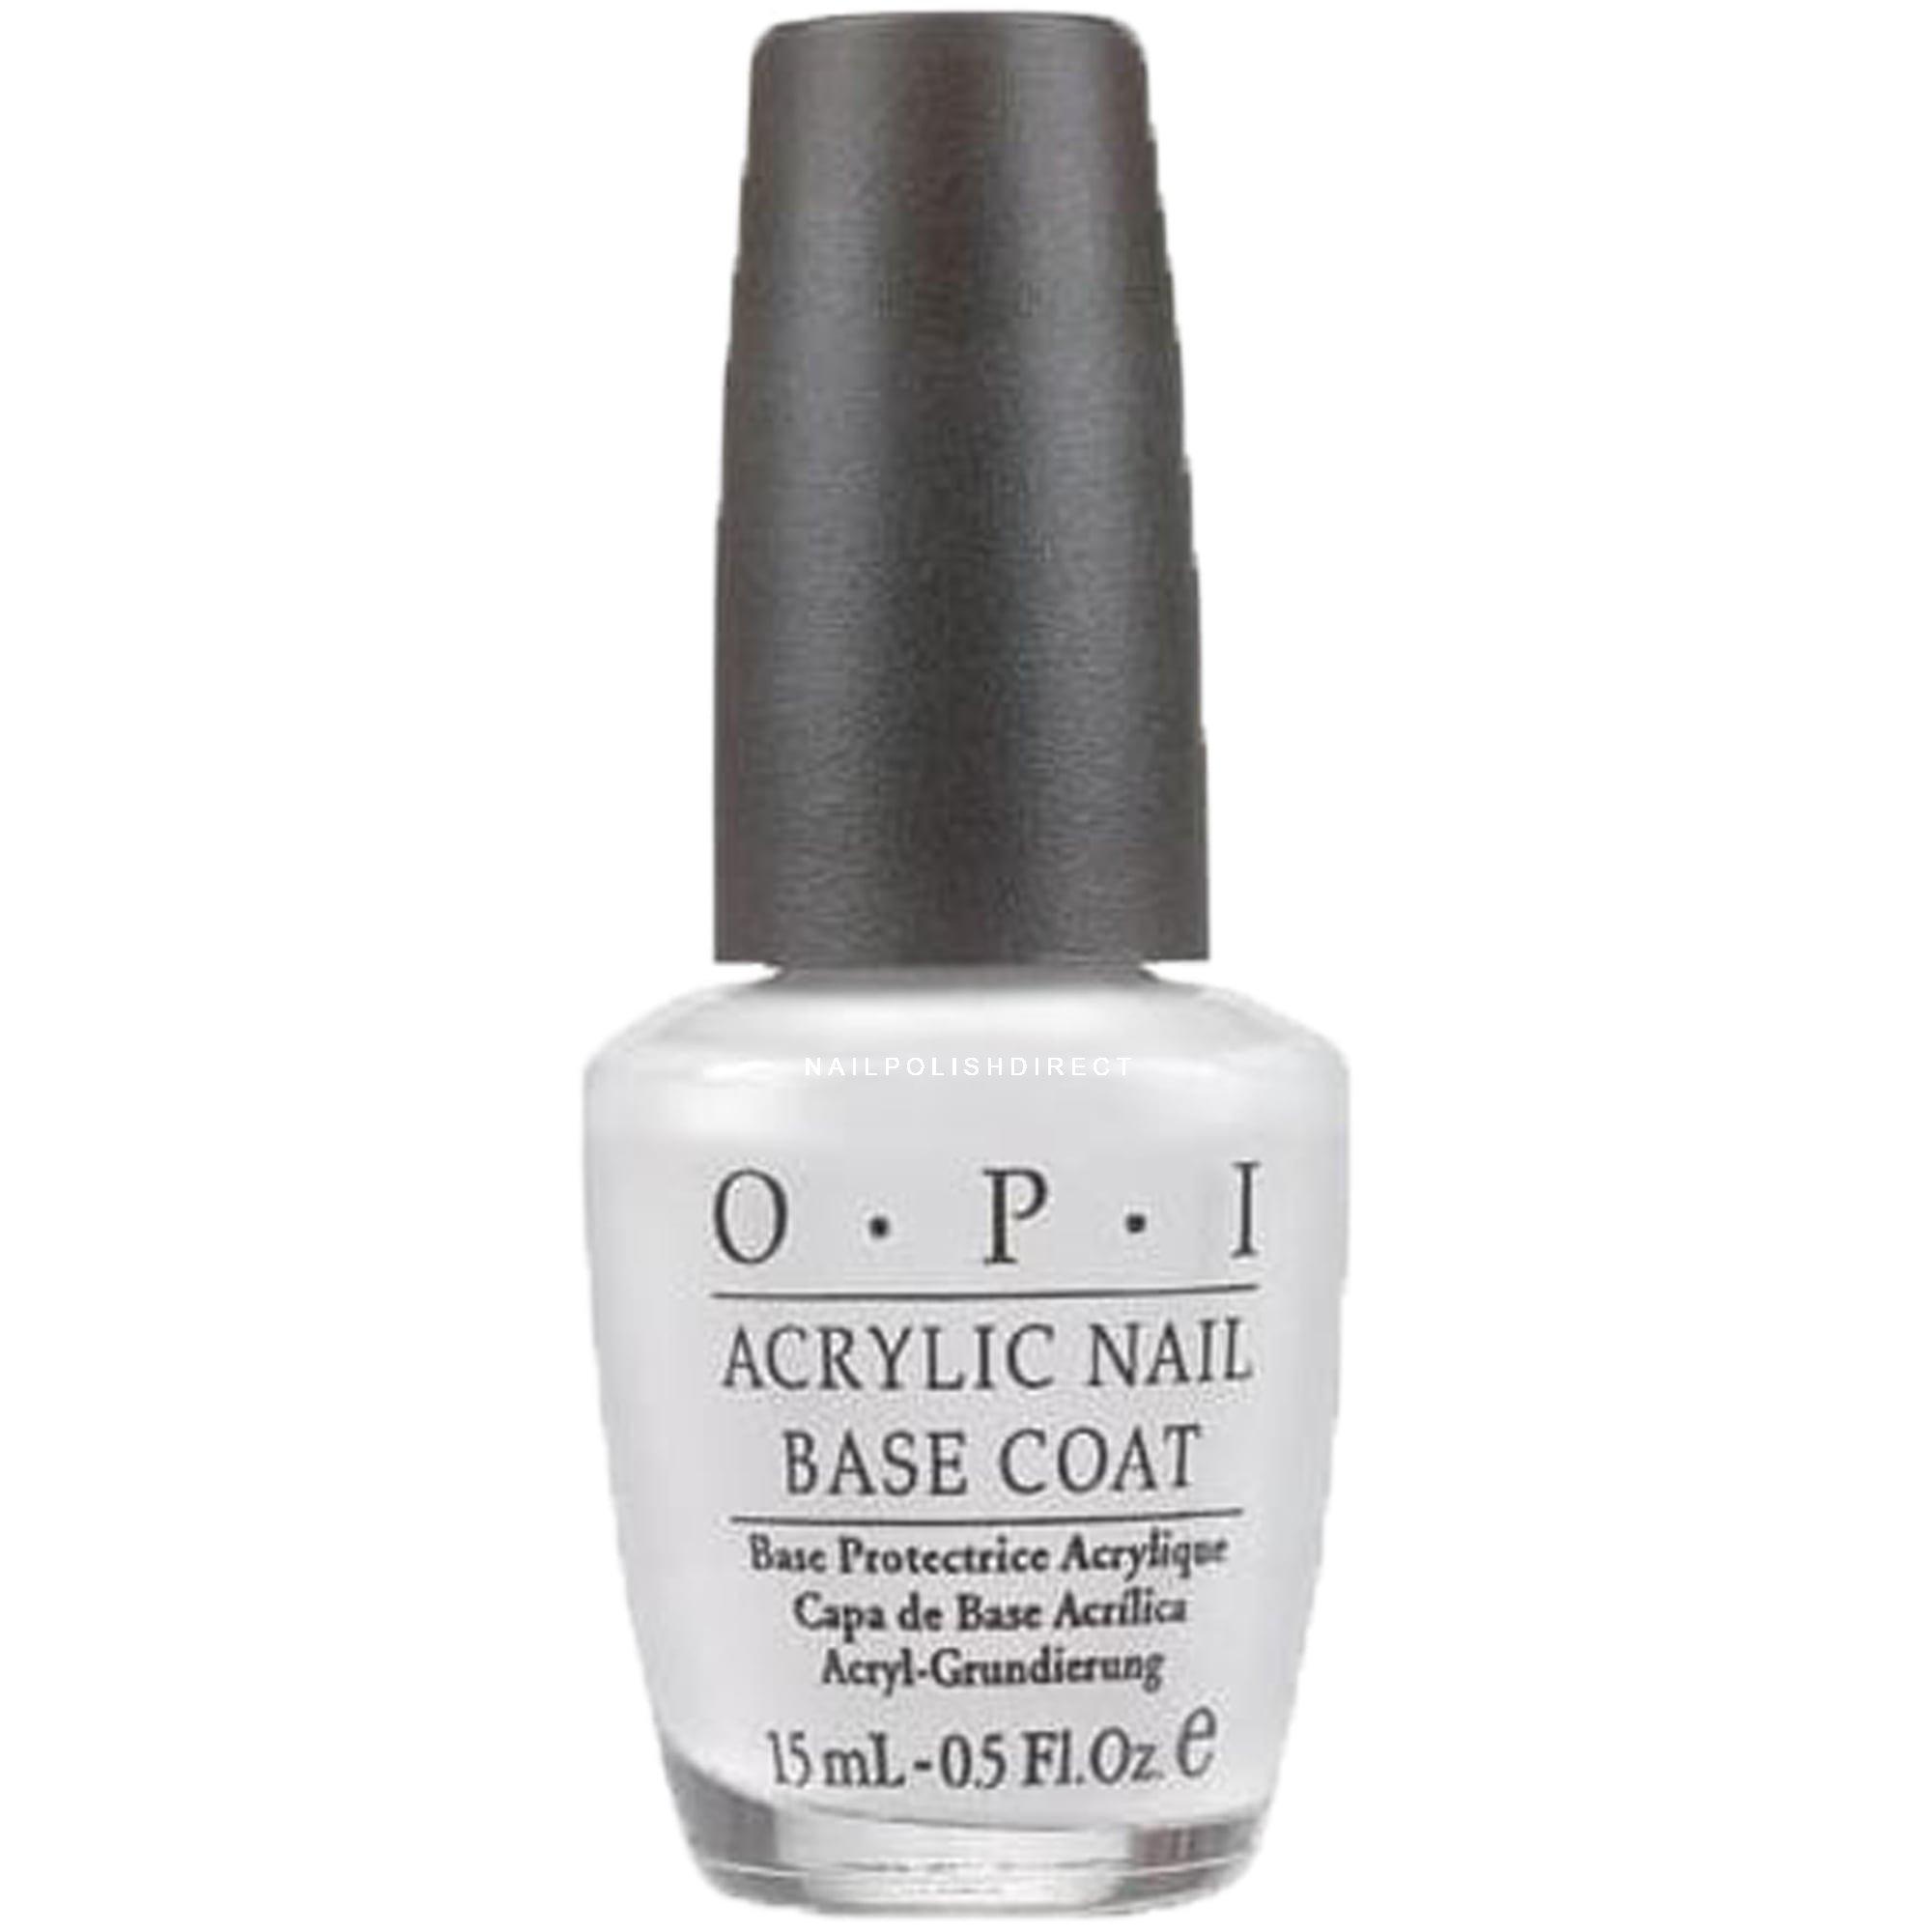 New opi acrylic nail polish nail ftempo - Base coat nail salon ...